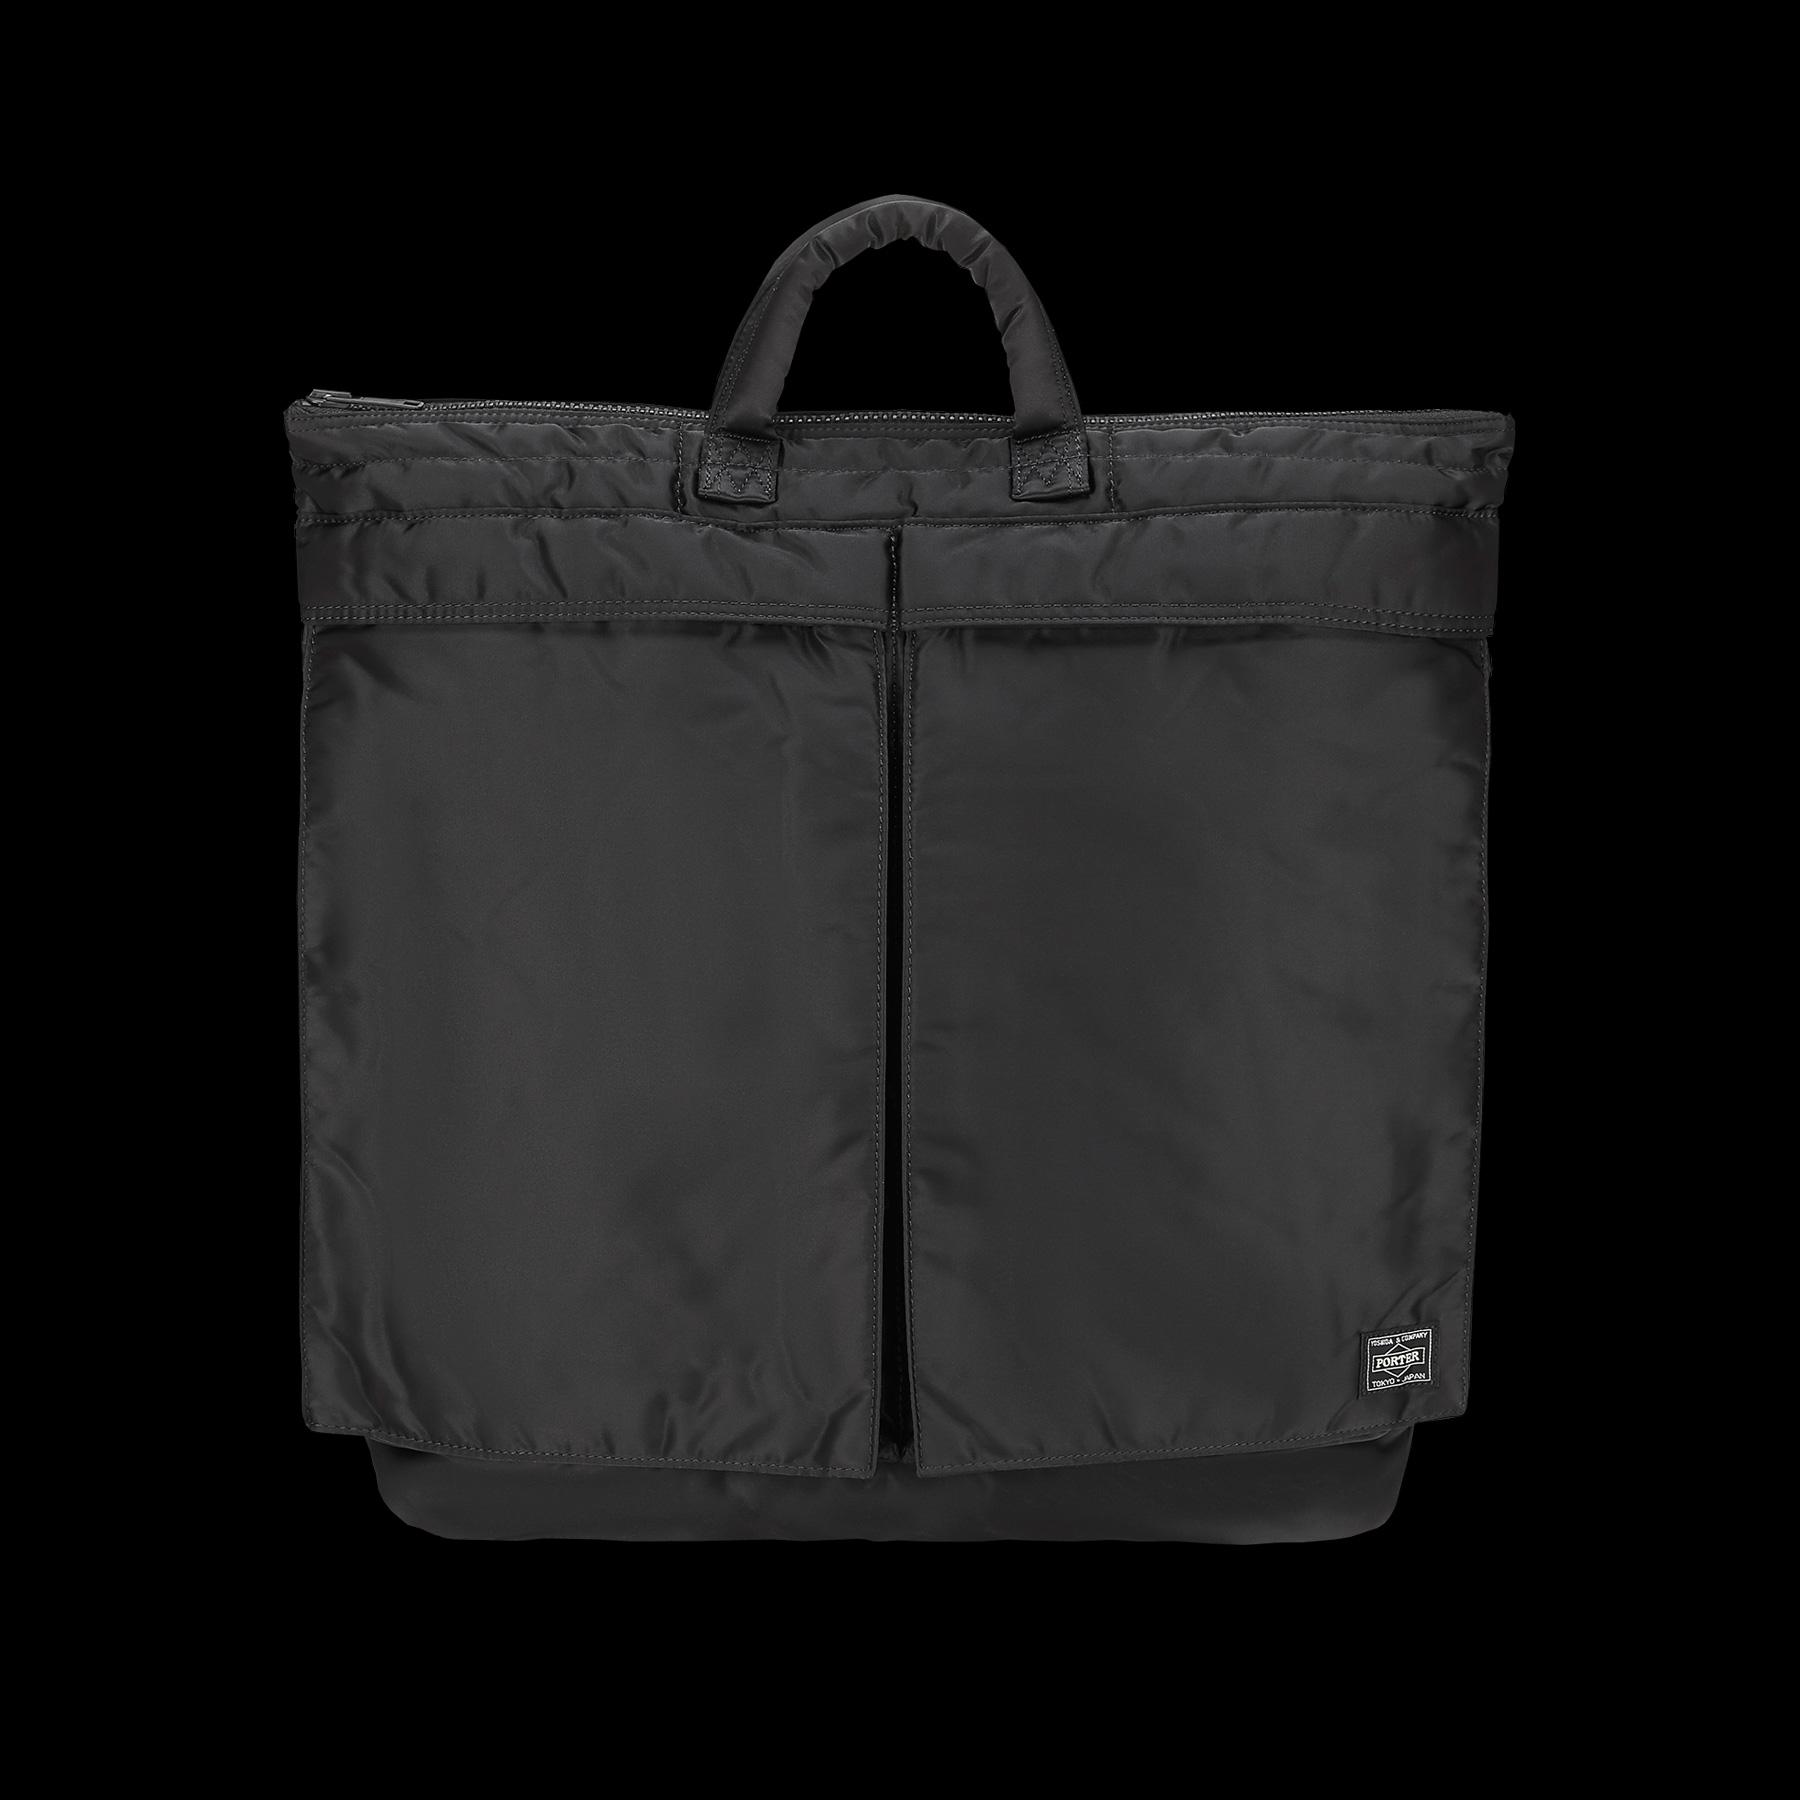 CDG_L PORTER BAG_OD-K204-051_BLACK_F.jpg